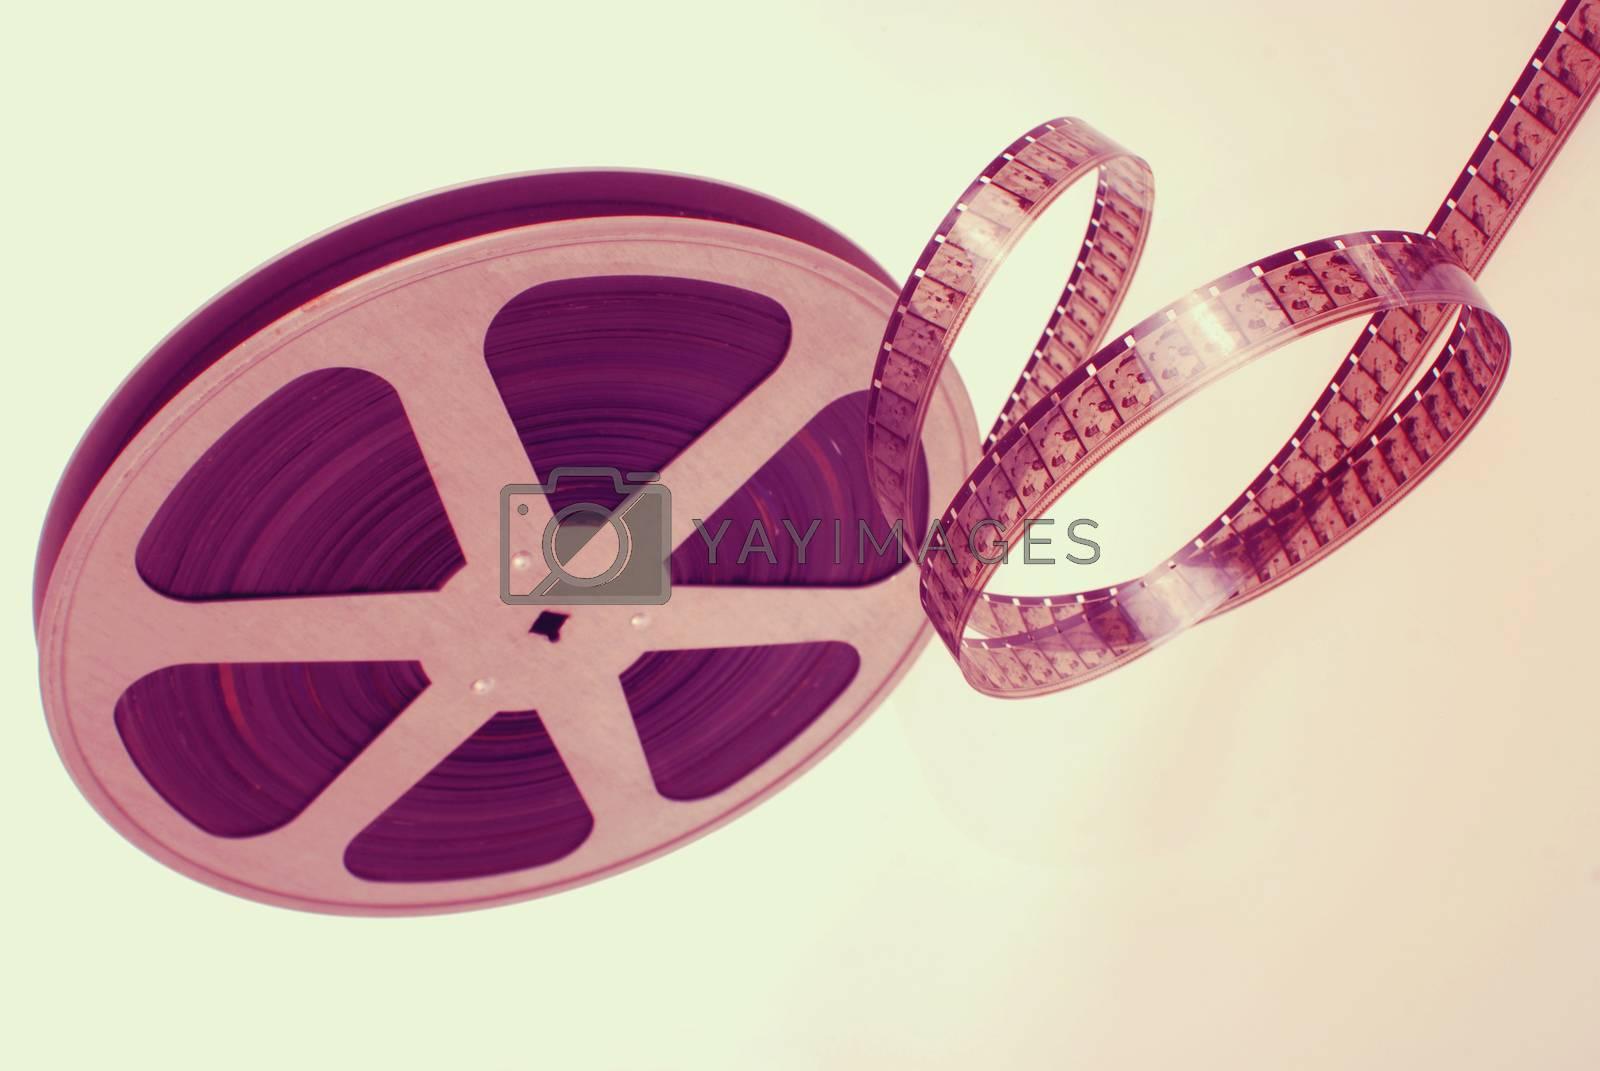 Vintage analogic photographic film strip wheel isolated on white background.